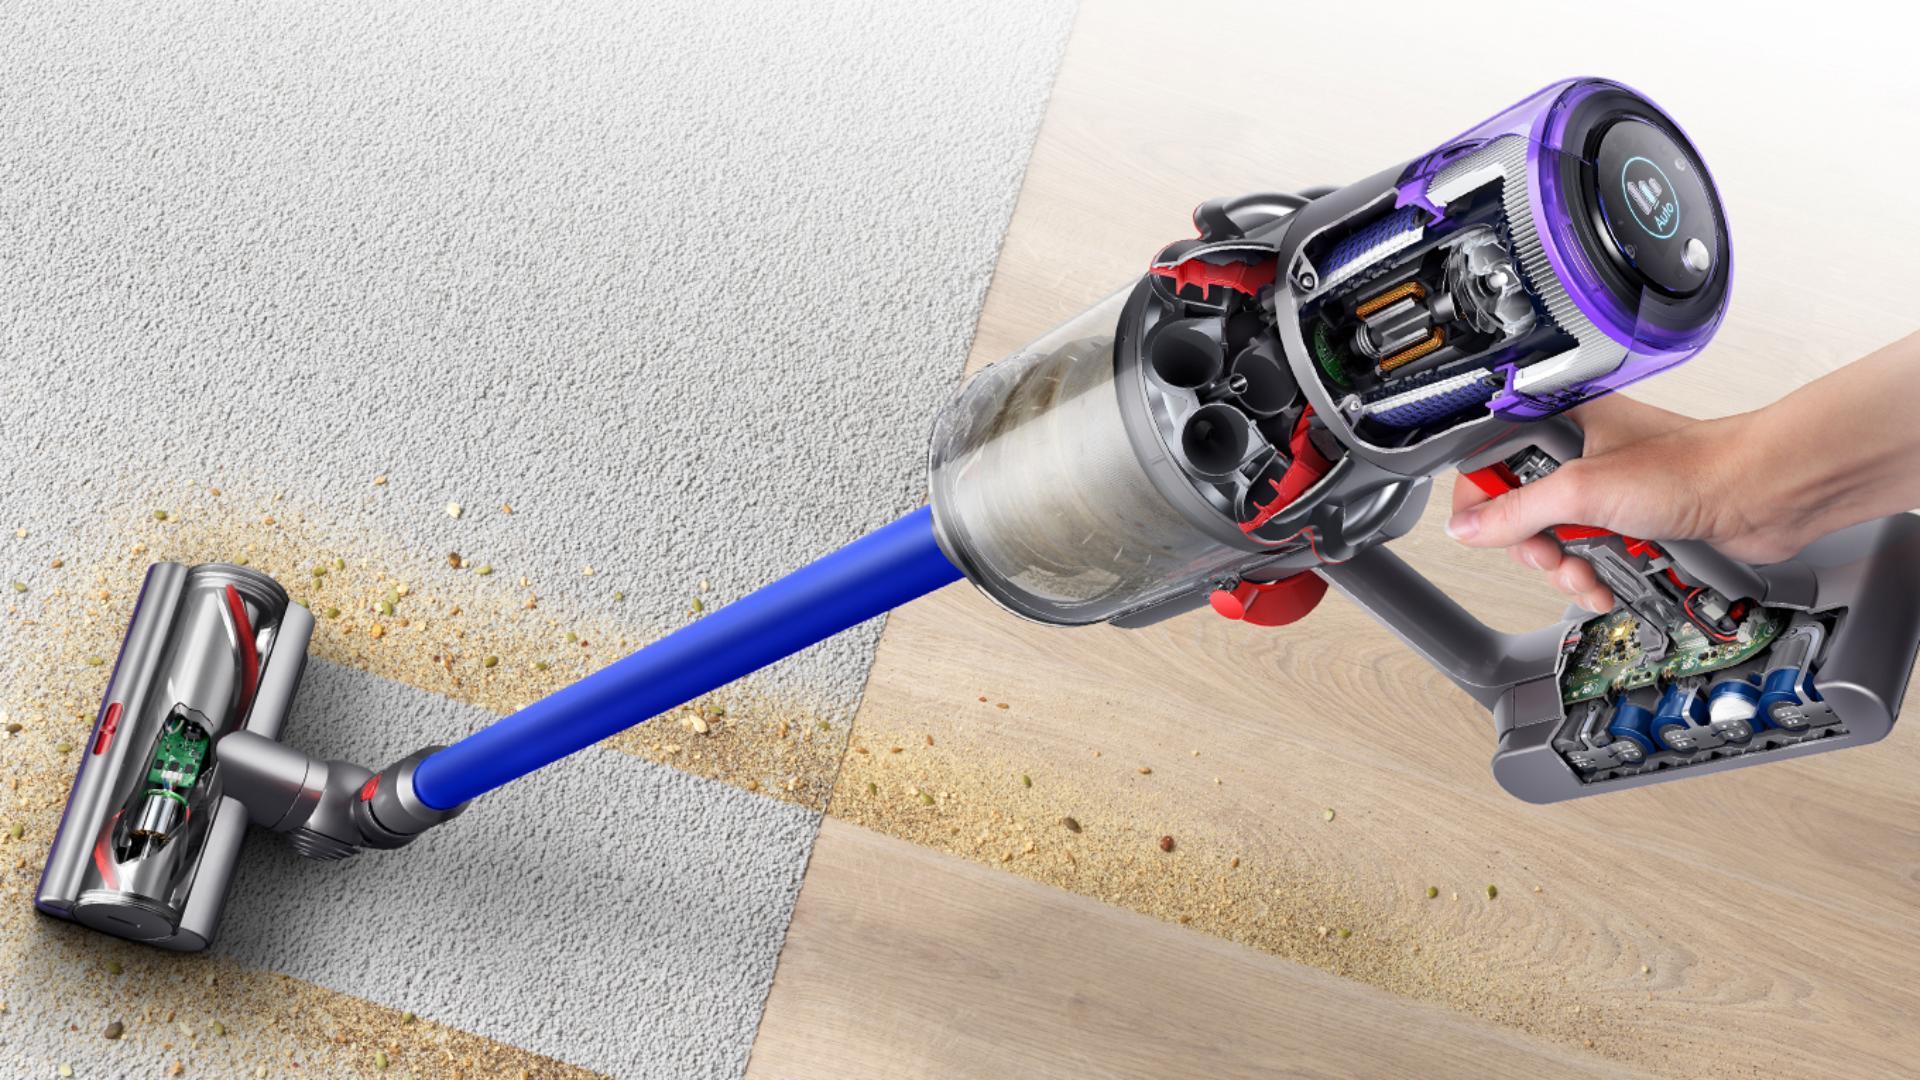 שואב אבק Dyson V11 אוסף לכלוך מהשטיח